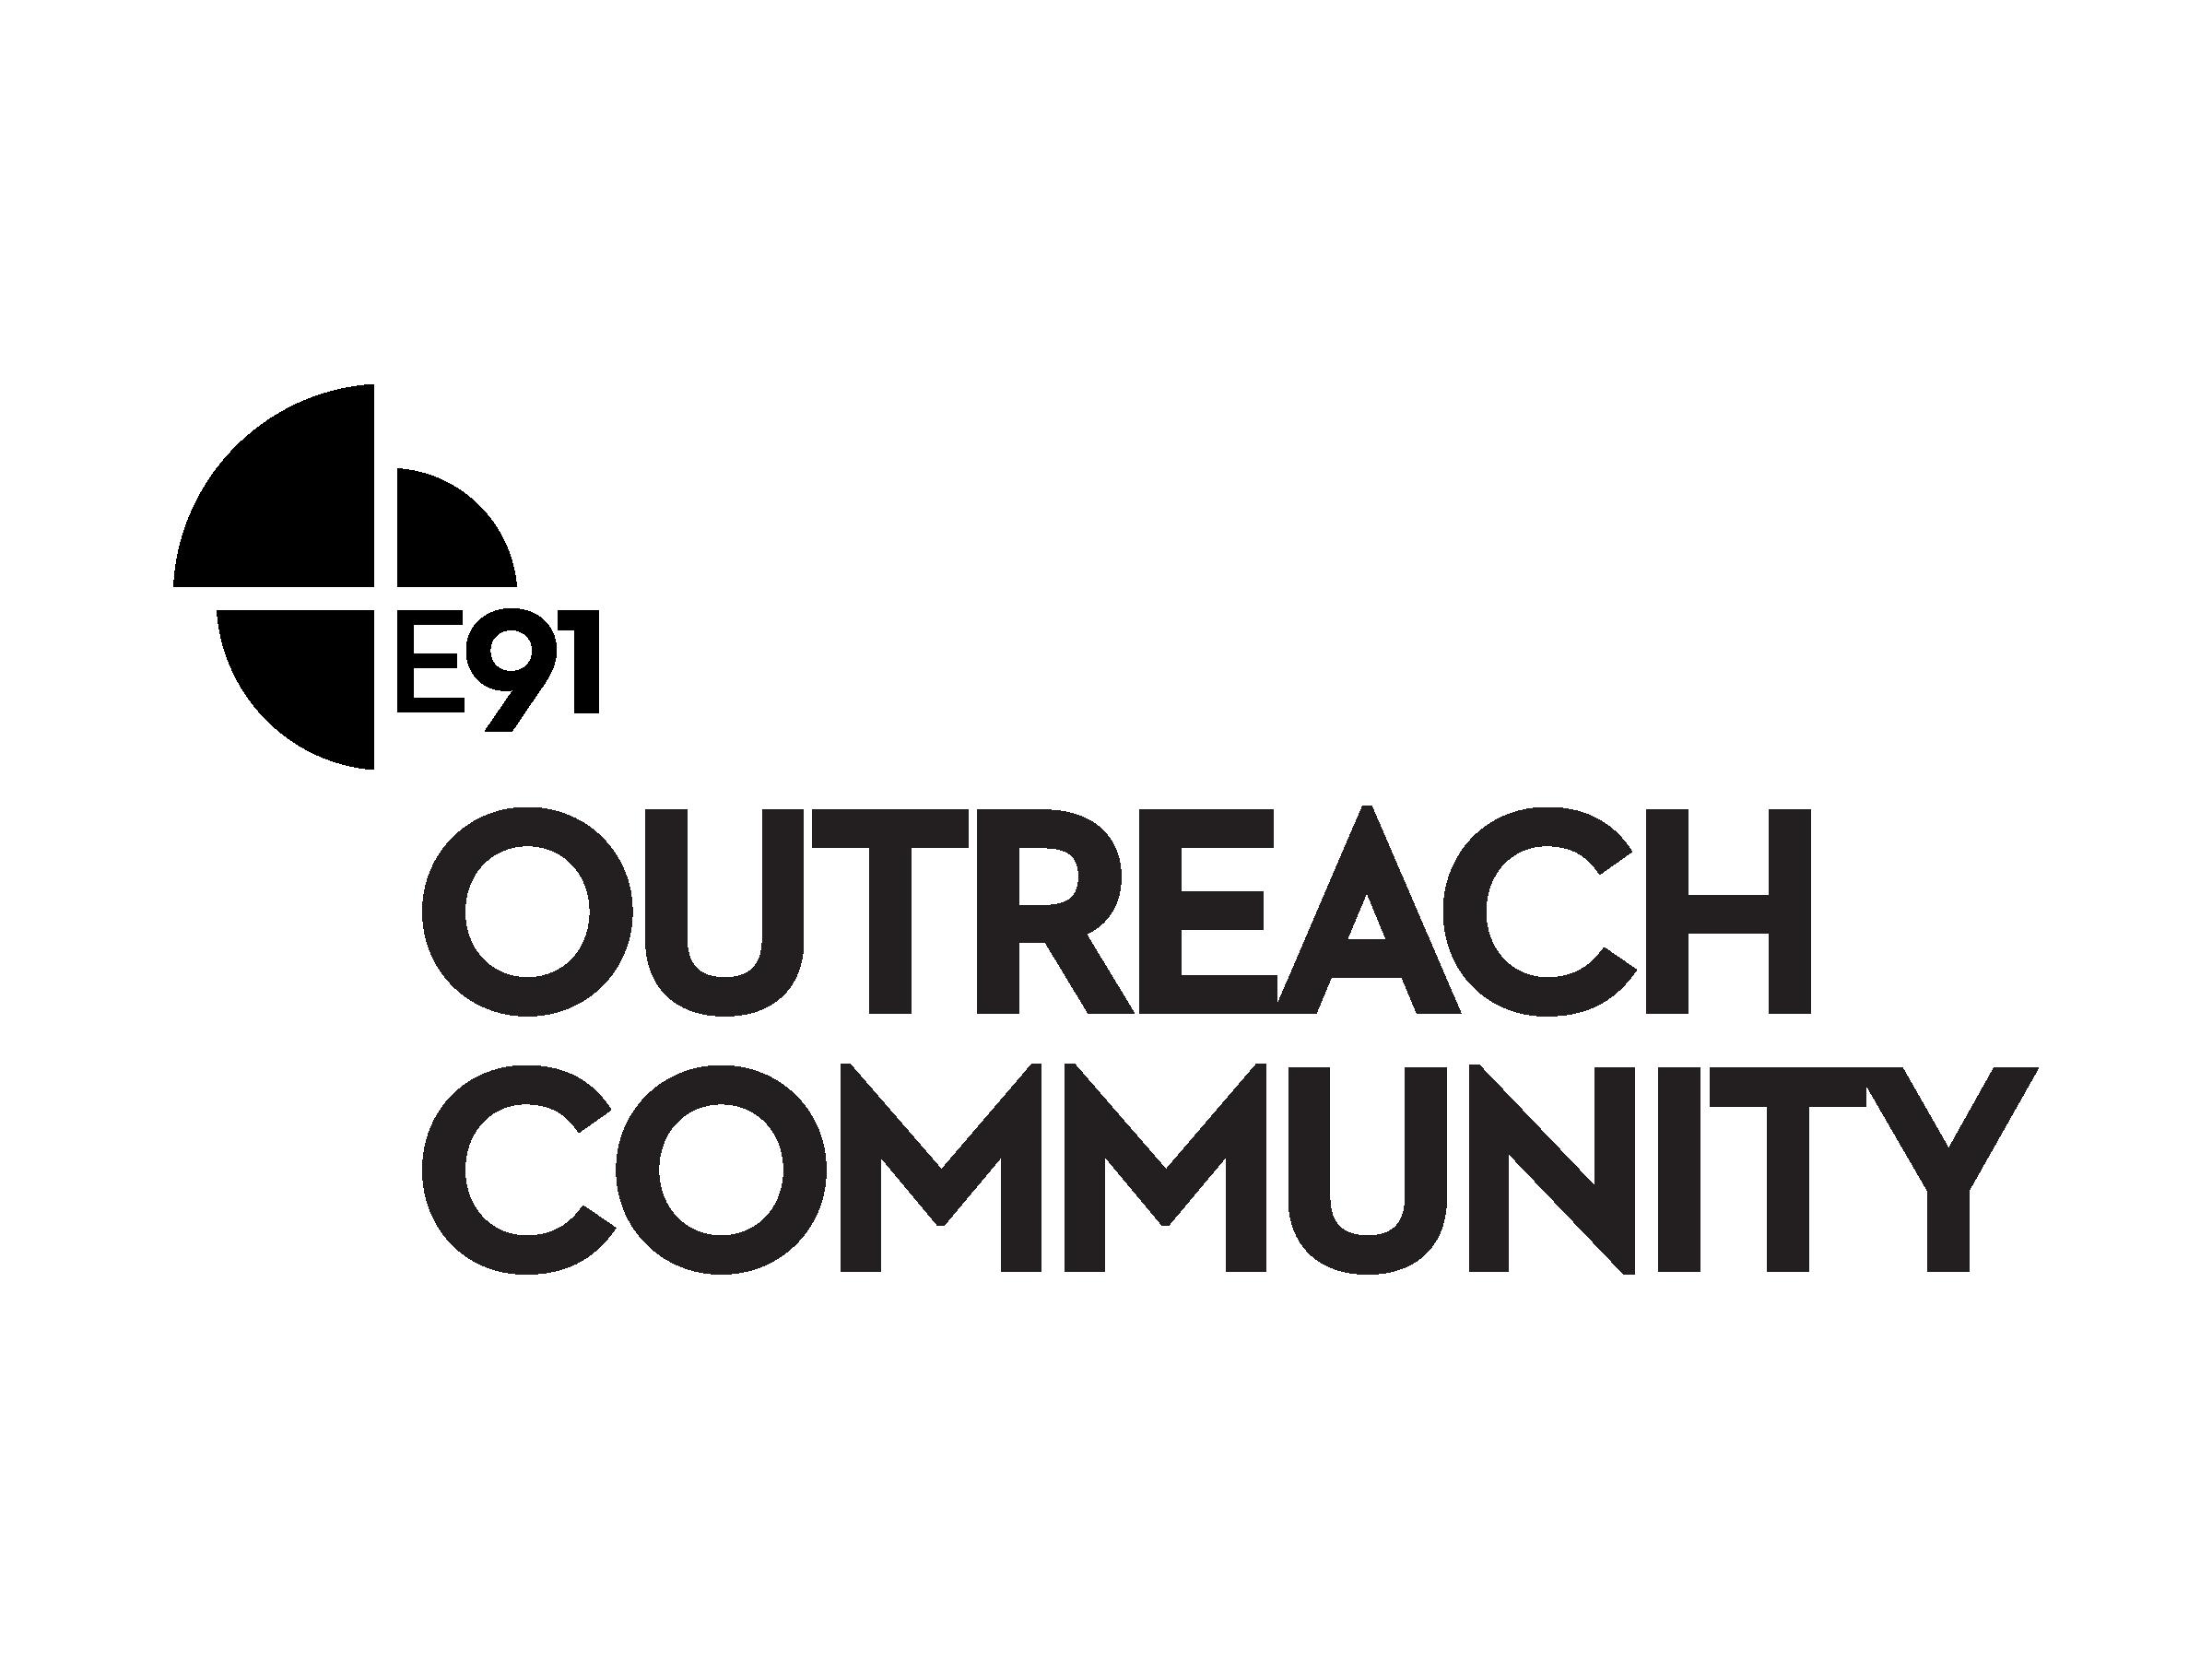 E91 outreachcommunity logo digital black